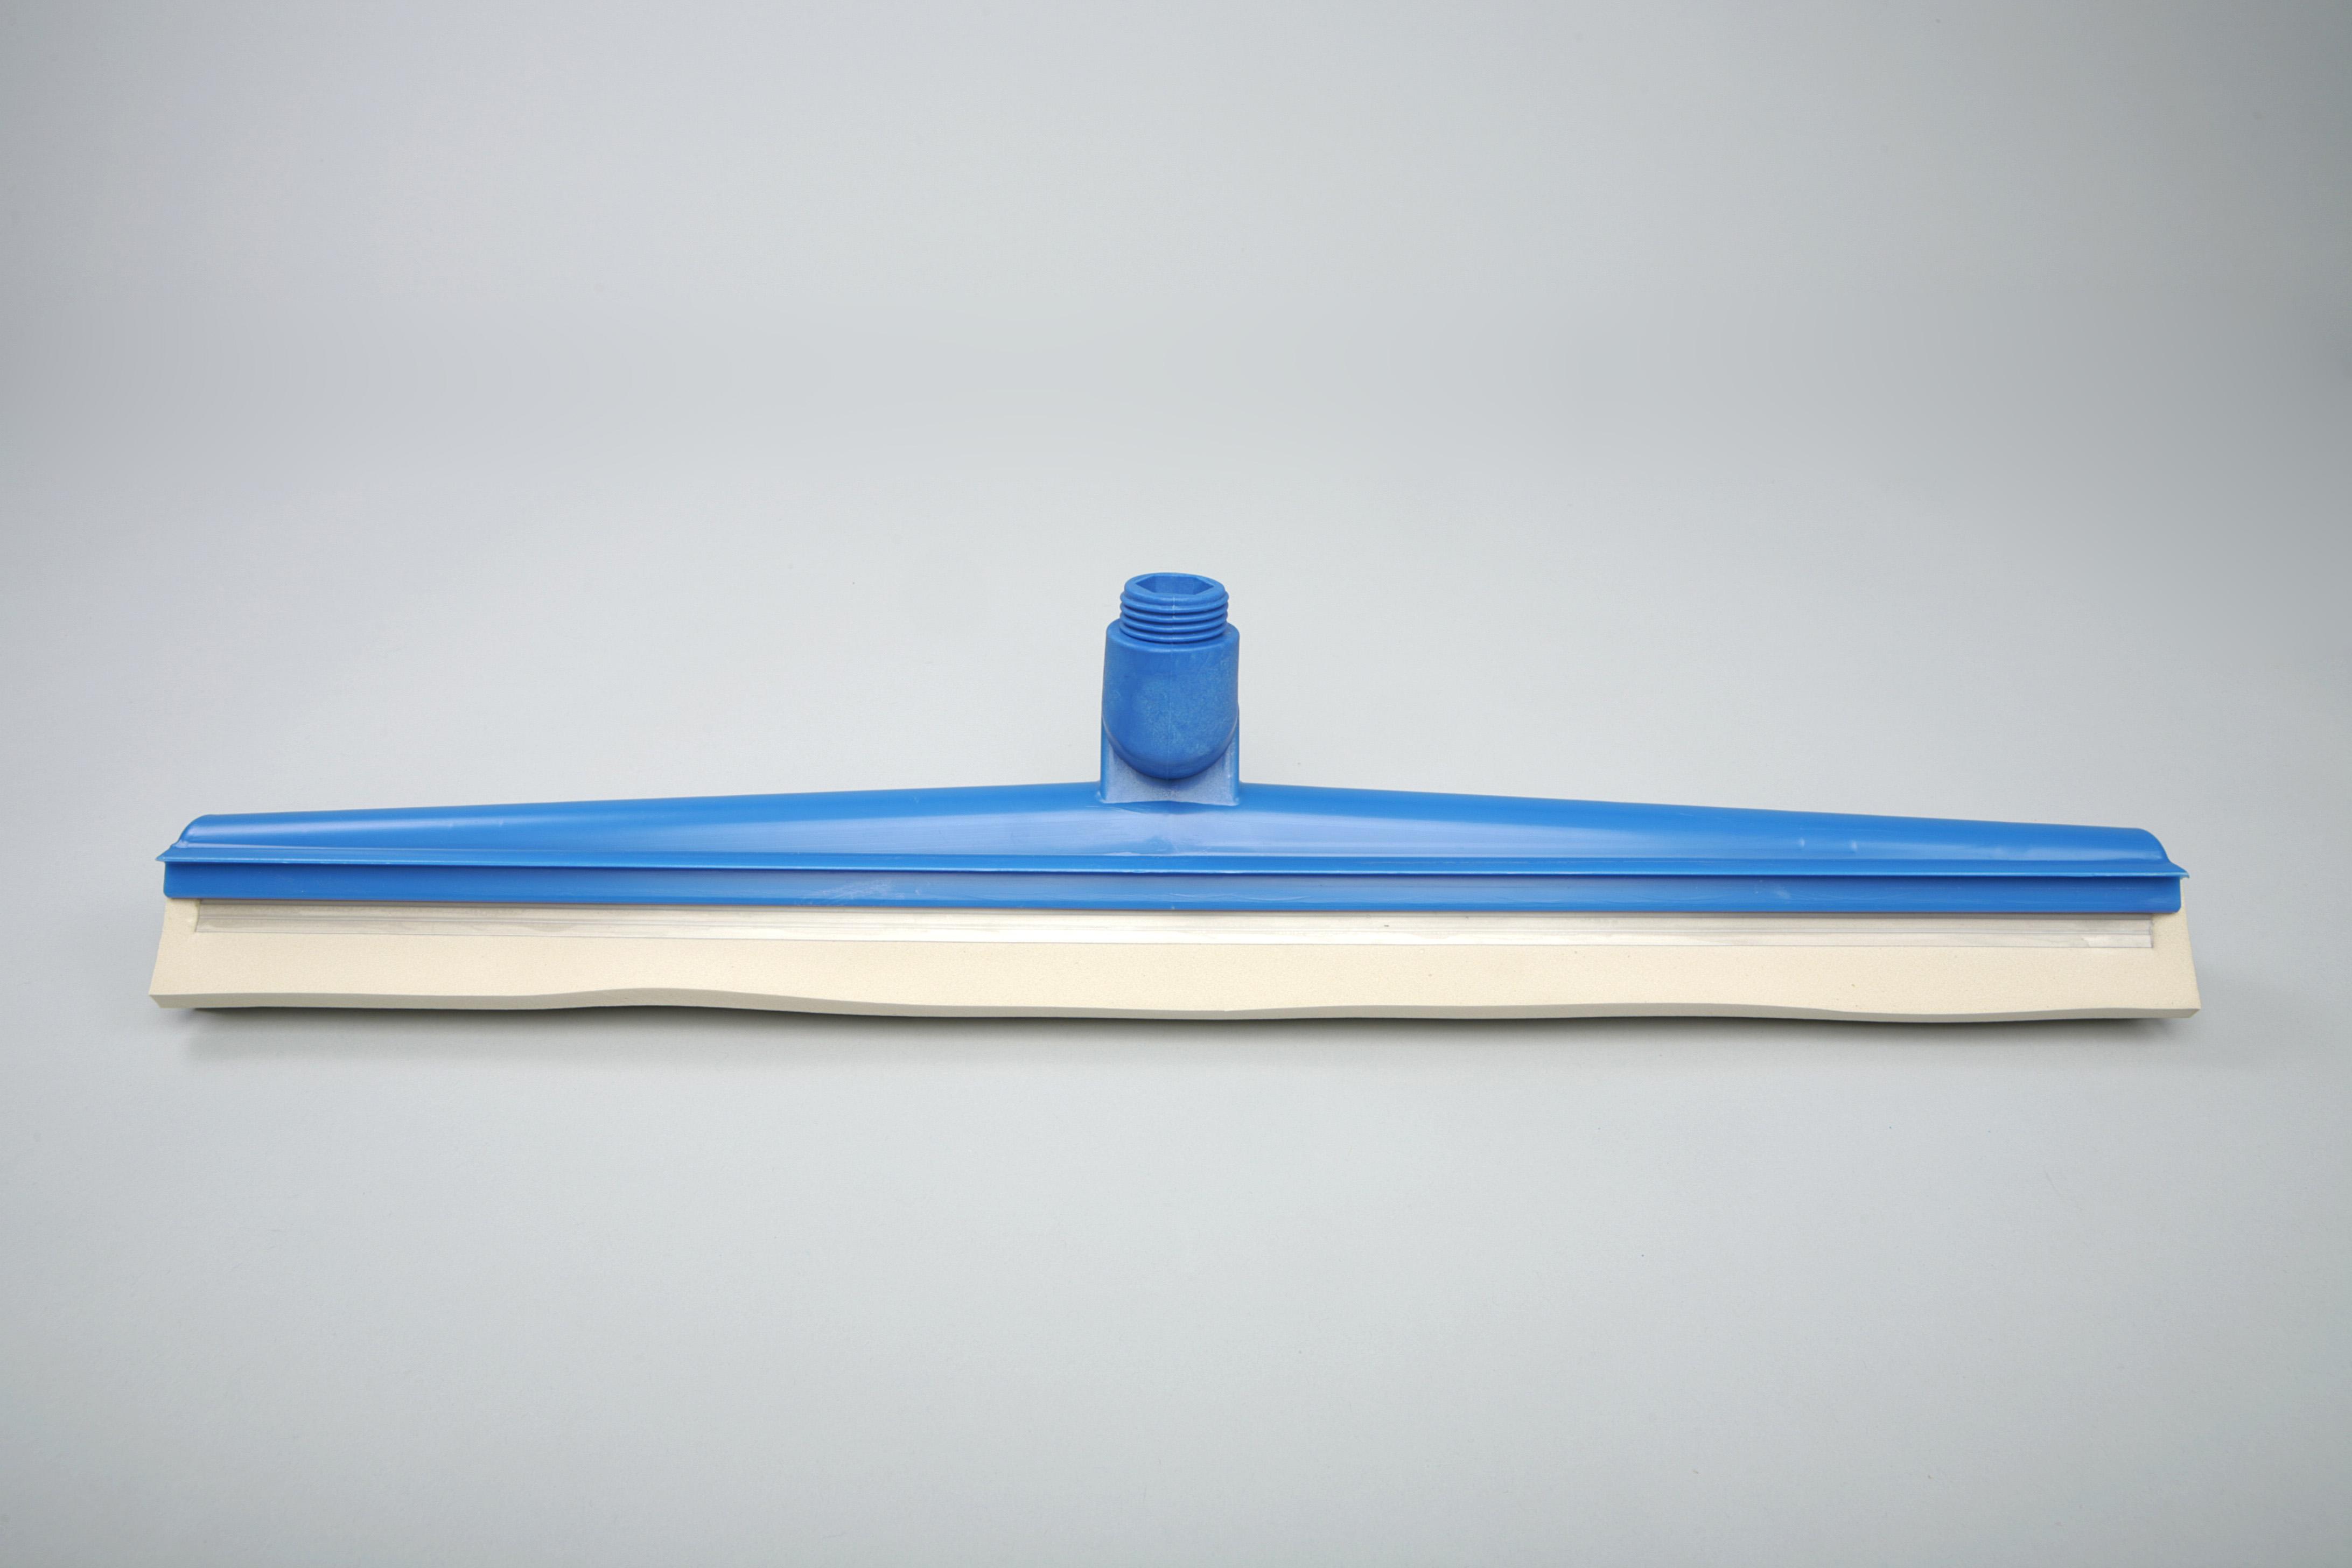 Unimop põrandakuivataja 60 cm, liigendiga, sinine, kastis 6 tk